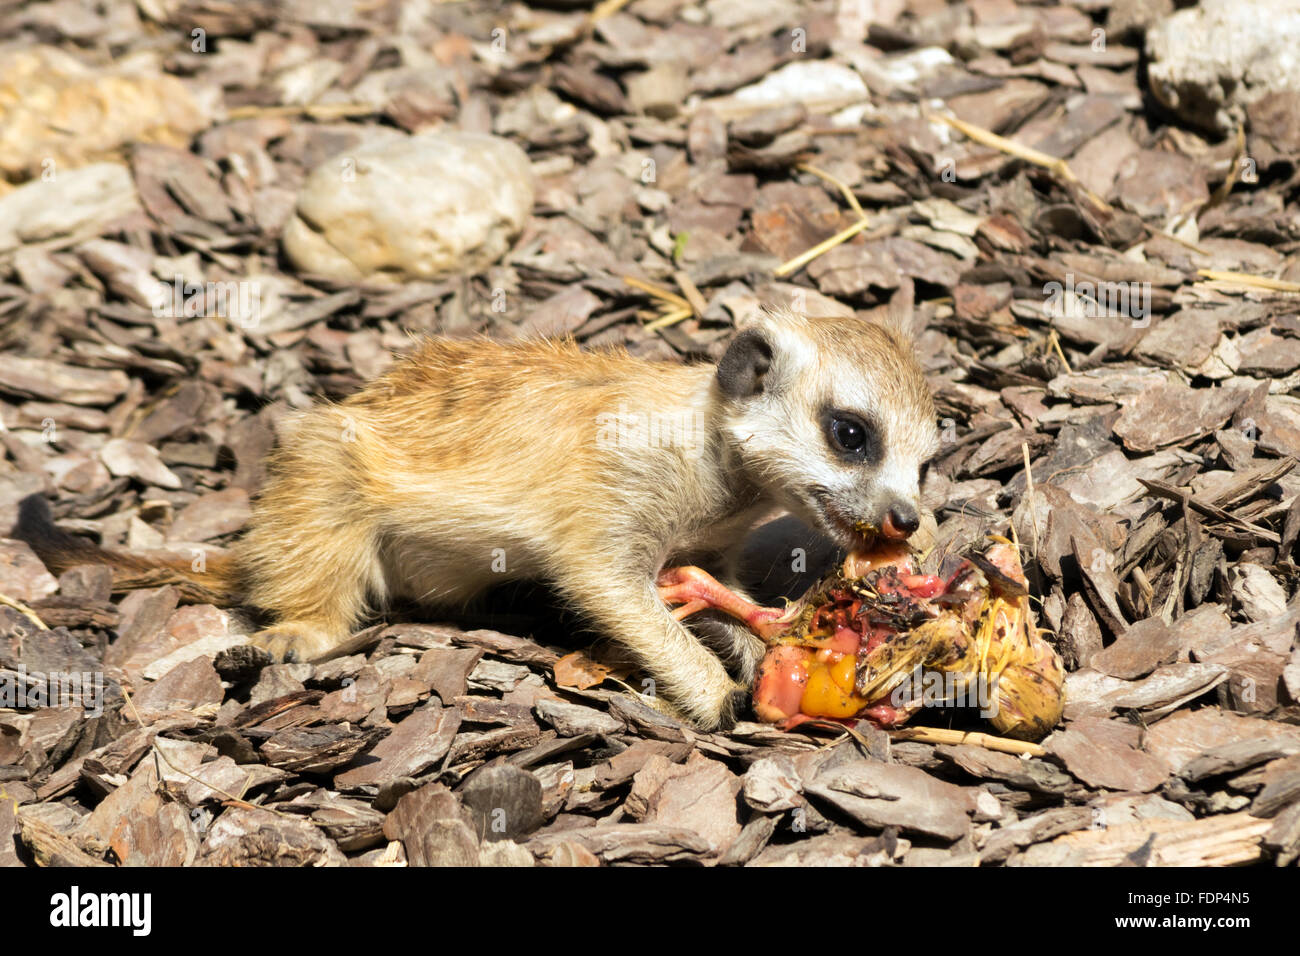 Baby meerkat (Suricata suricatta) manger un poussin Banque D'Images